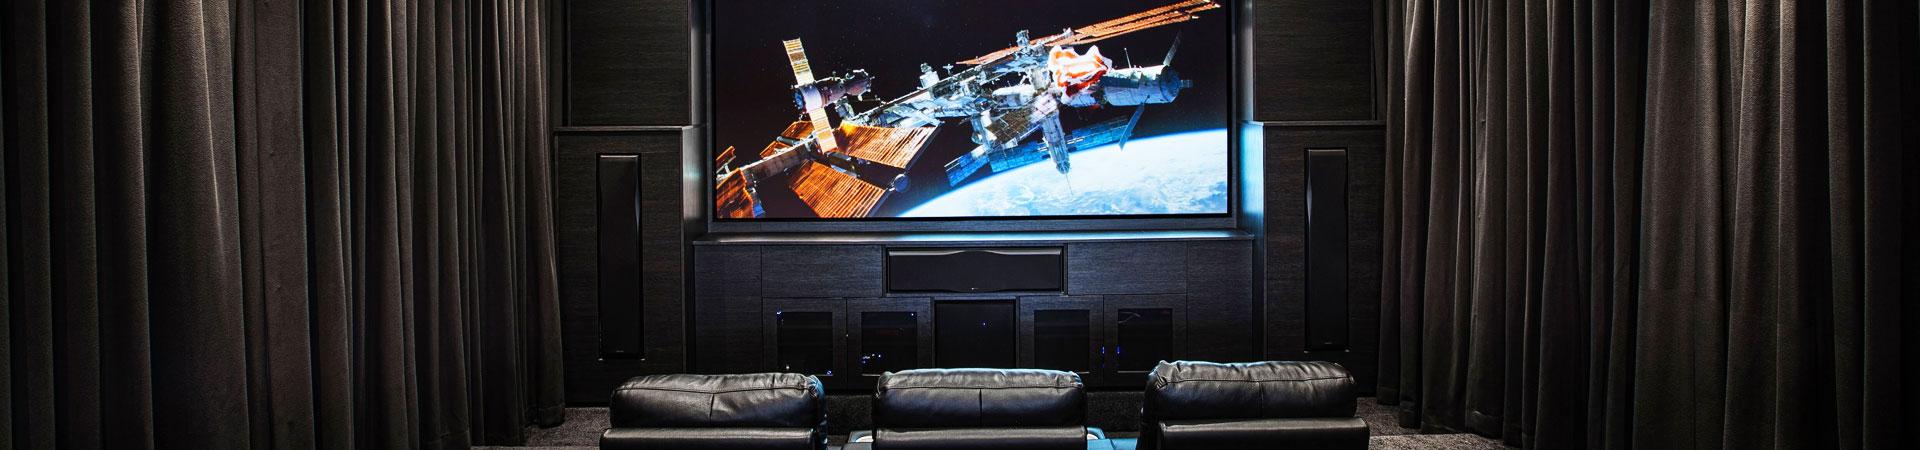 Custom Designed Home Theatre